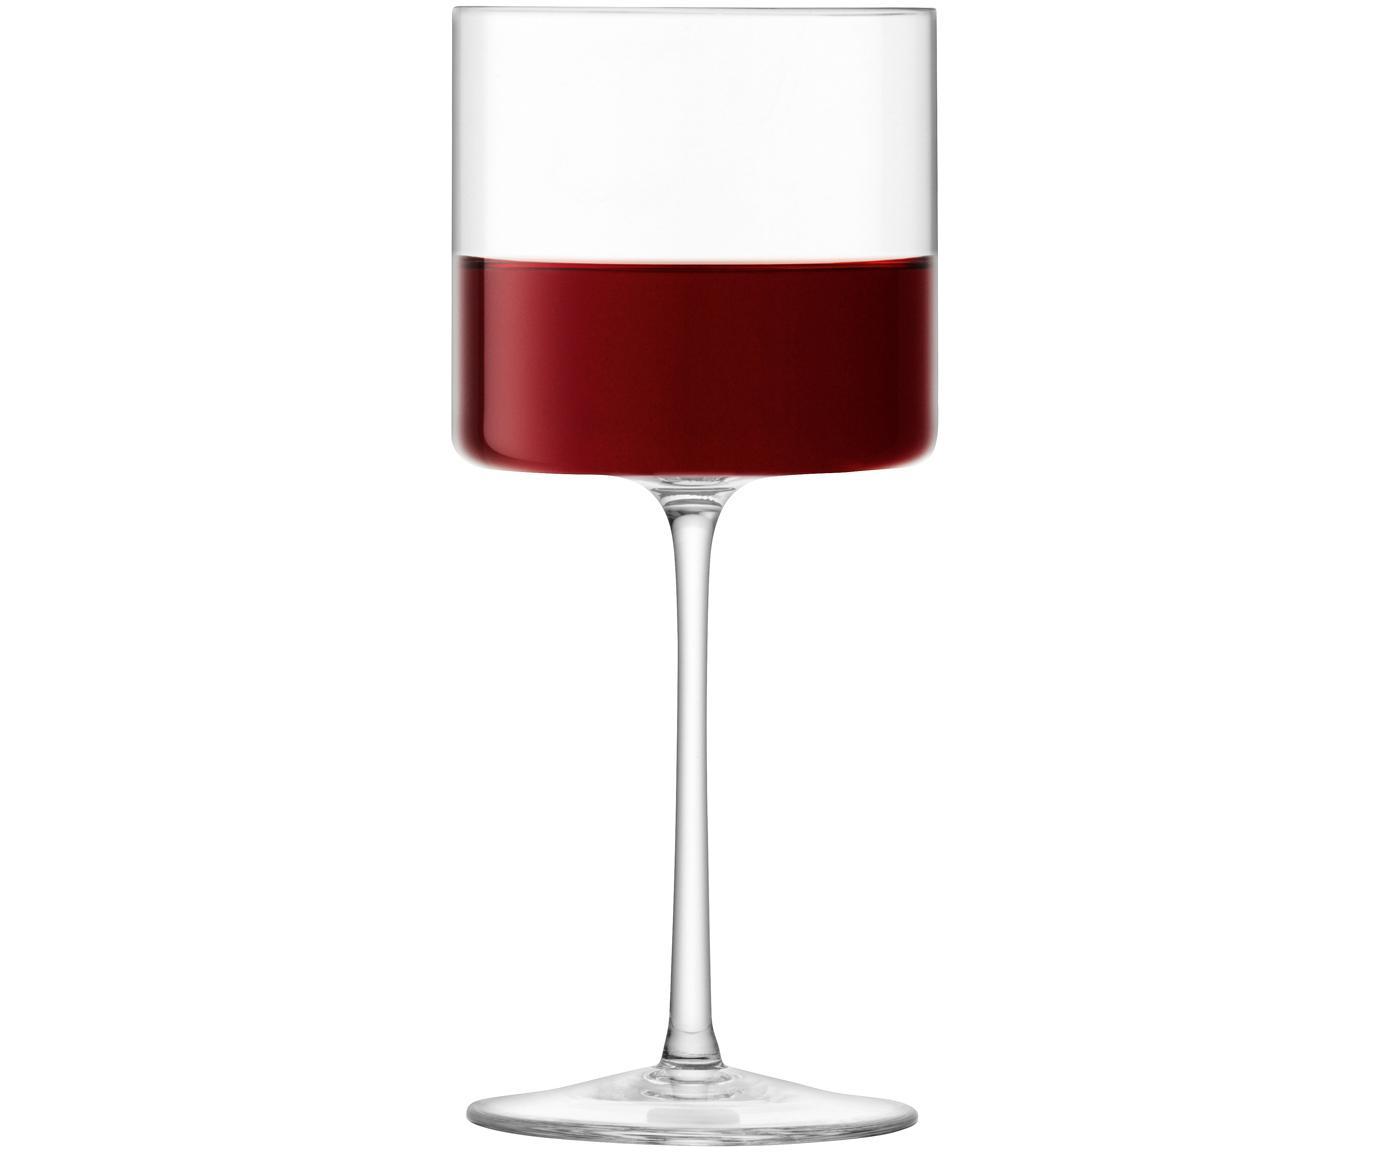 Set di 4 bicchieri da vino rosso Otis, Vetro, Trasparente, Ø 8 x Alt. 19 cm